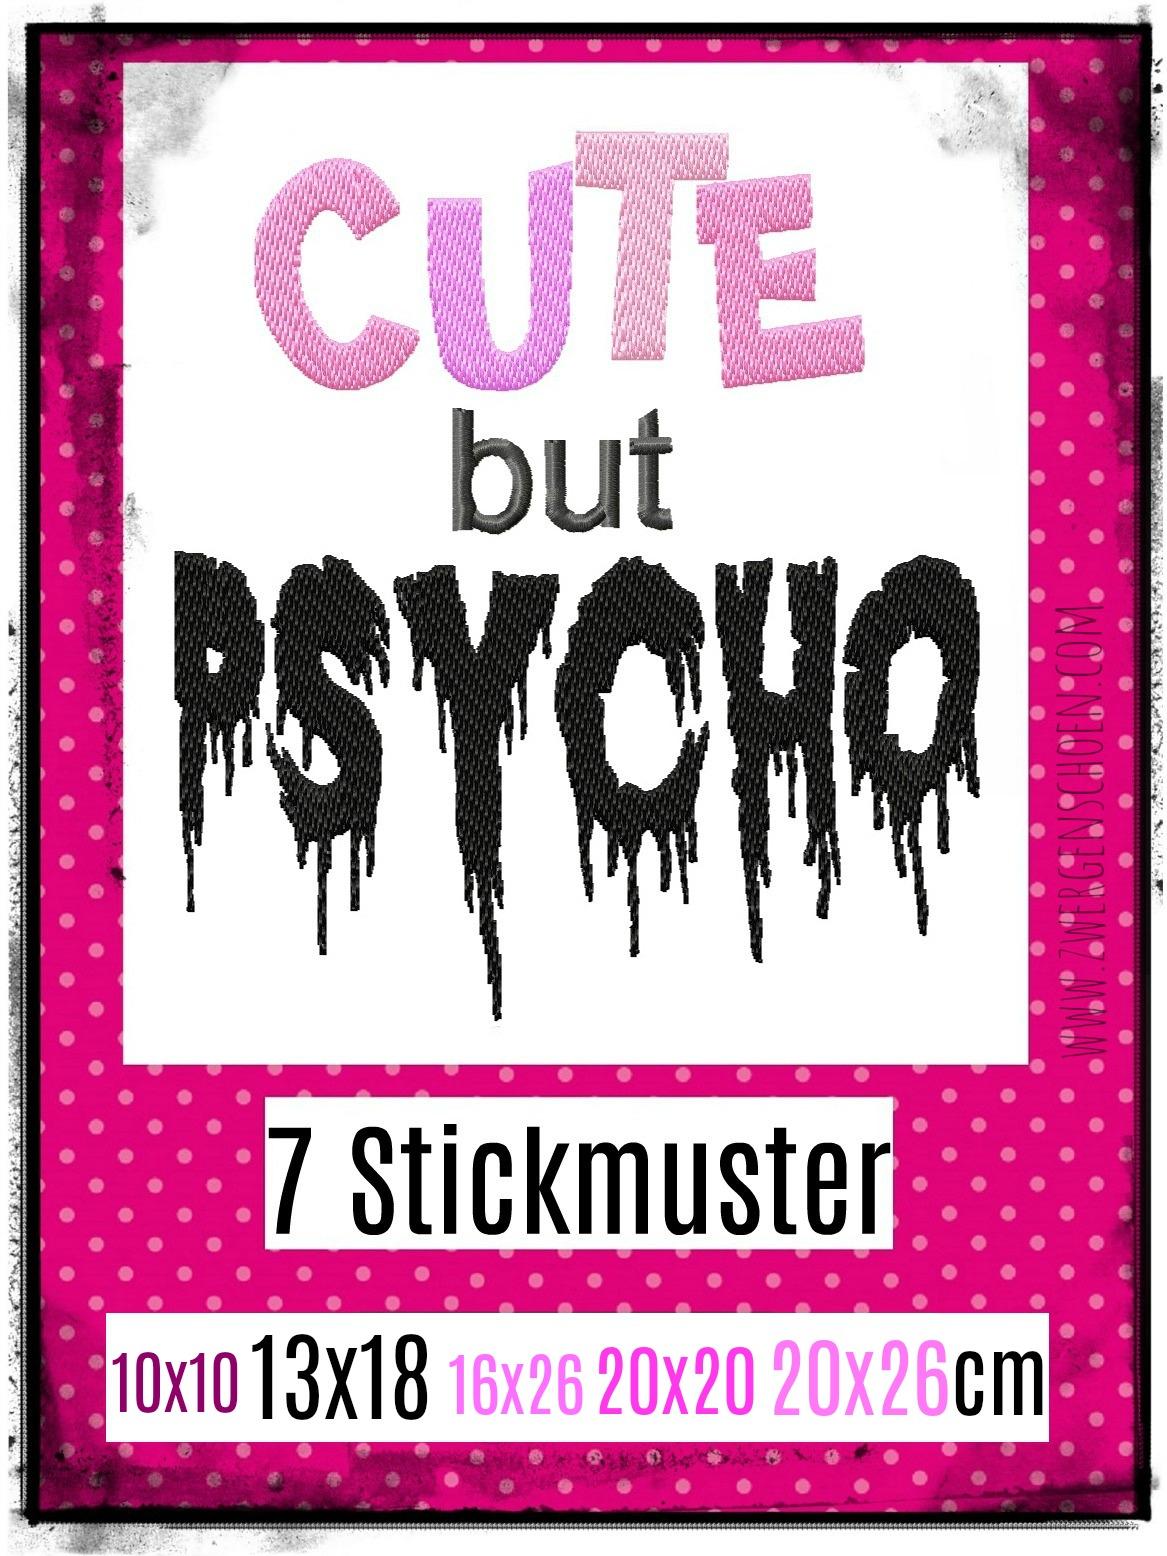 ♥CUTE but PSYCHO♥ Stickmuster EINZELMOTIV 10x10 13x18 16x26 20x20 20x26cm